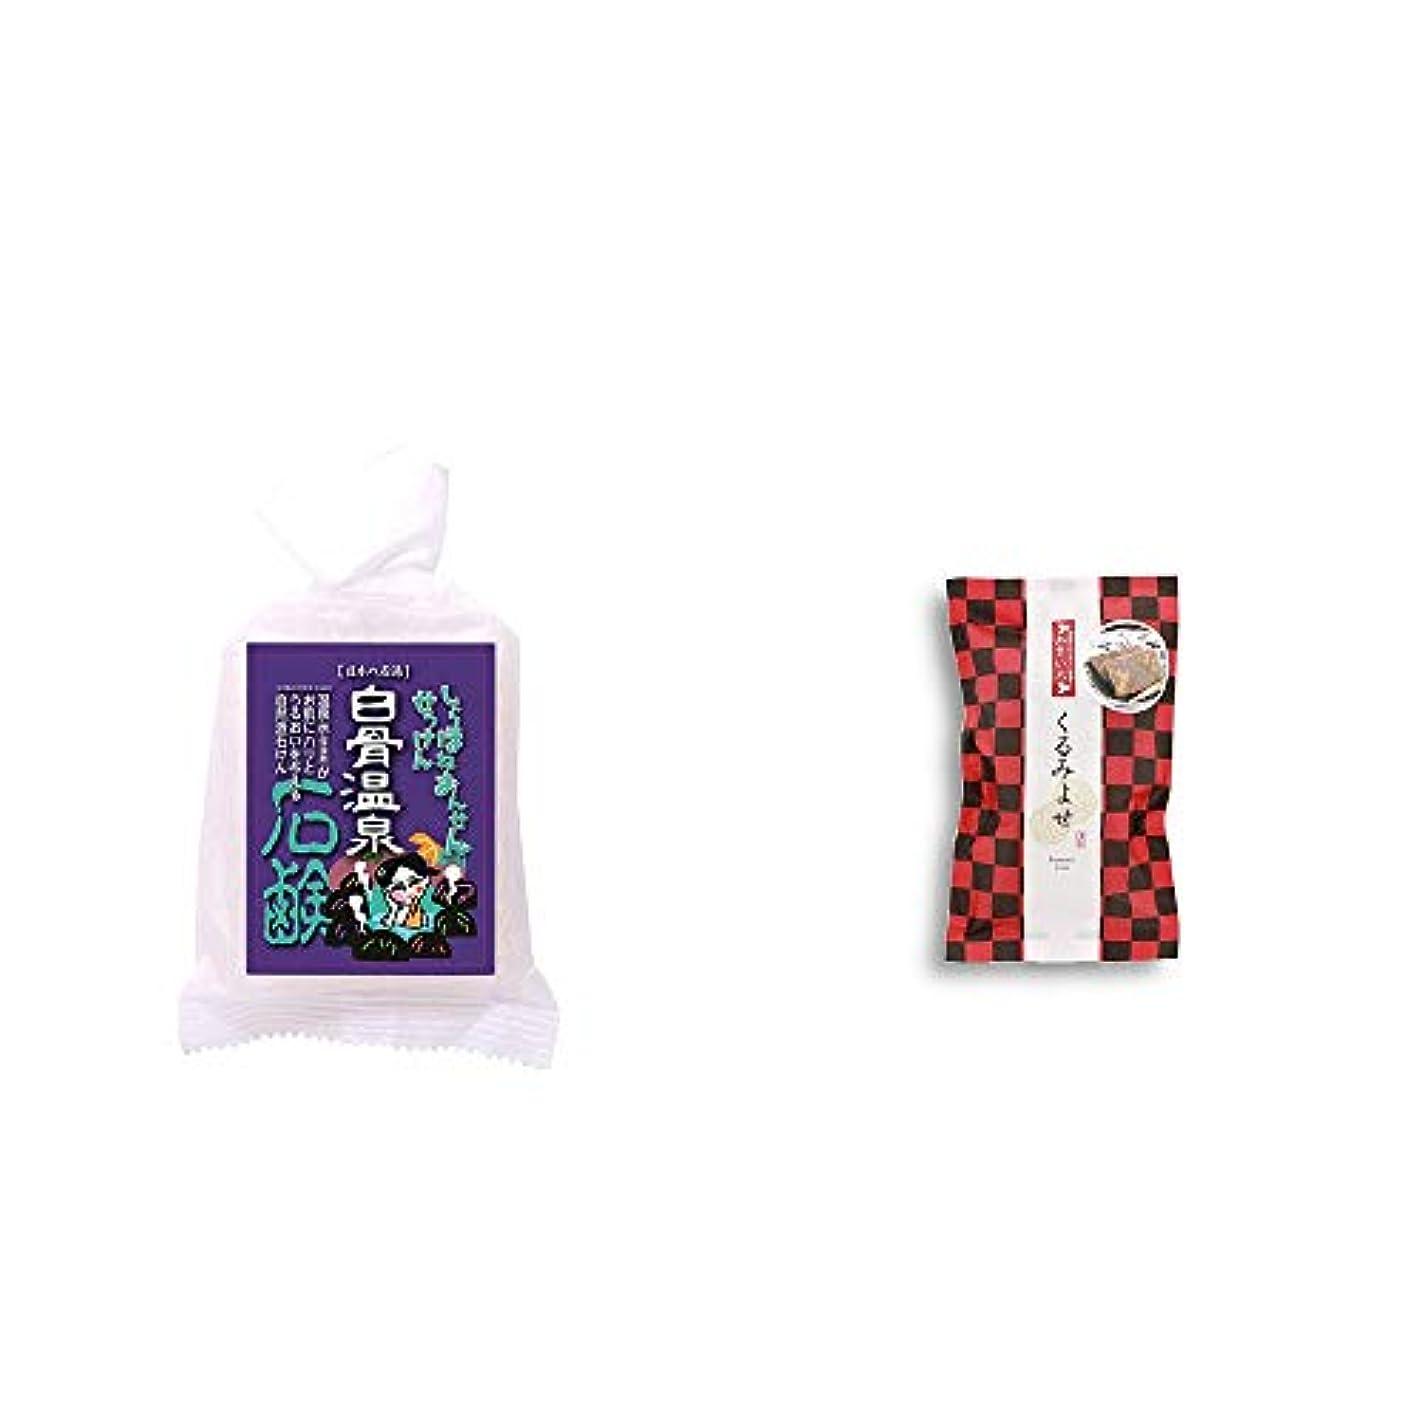 ヘビー累計サンプル[2点セット] 信州 白骨温泉石鹸(80g)?くるみよせ(こし餡)(5個入)